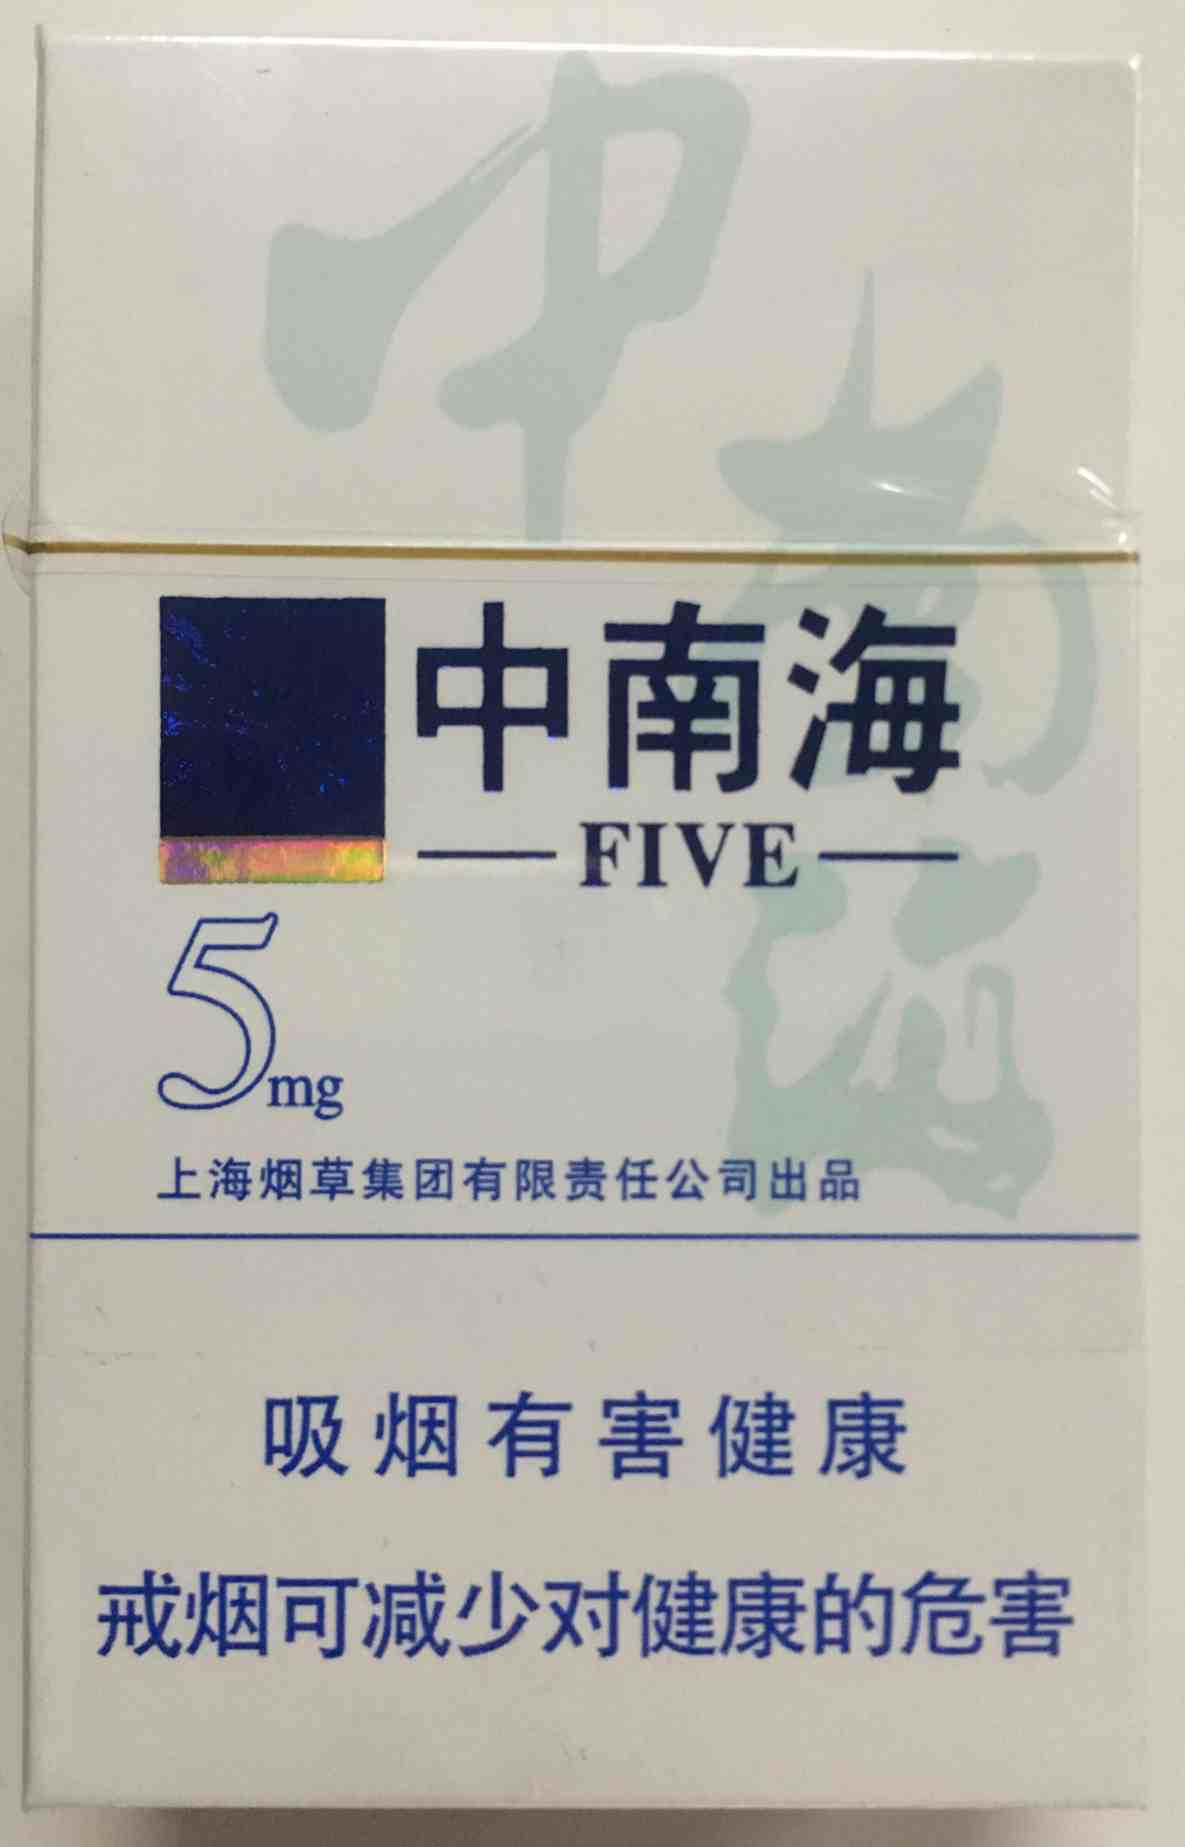 中南海-香烟-代购-商城-shwywgsc的站点